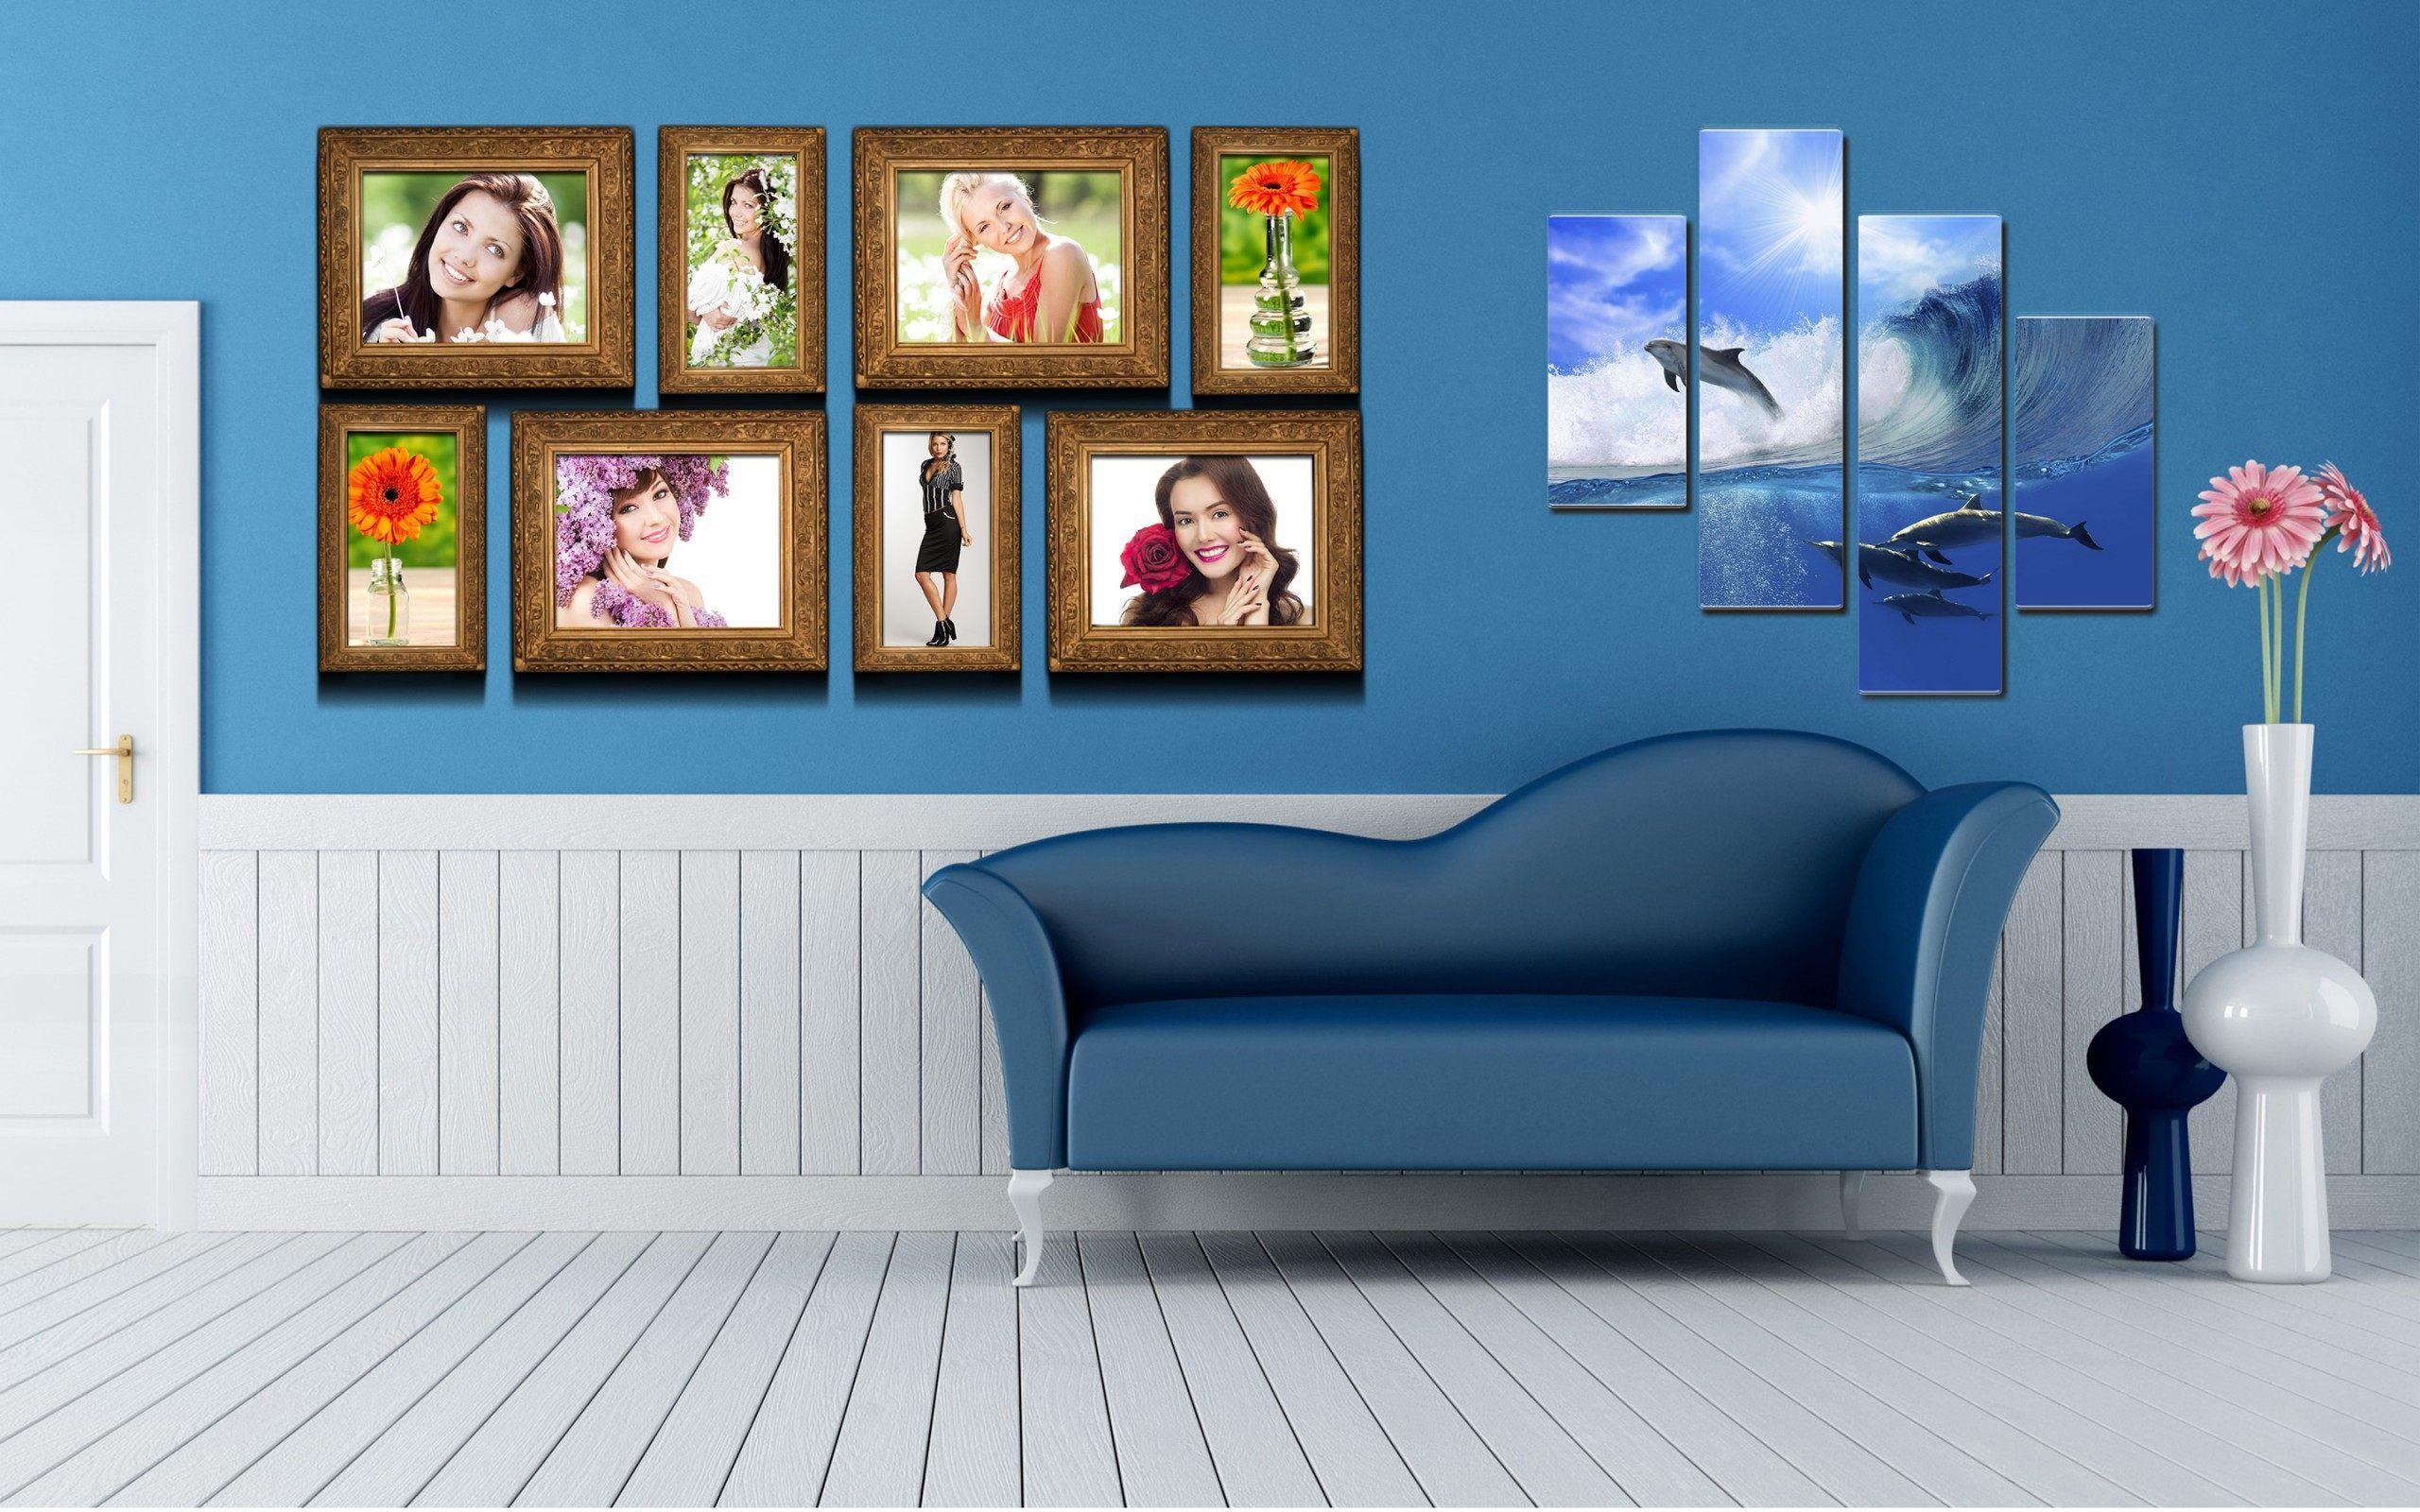 White Room Interior Design Wallpaper Hd Download For Desktop Pertaining To Interior Design Wallpaper